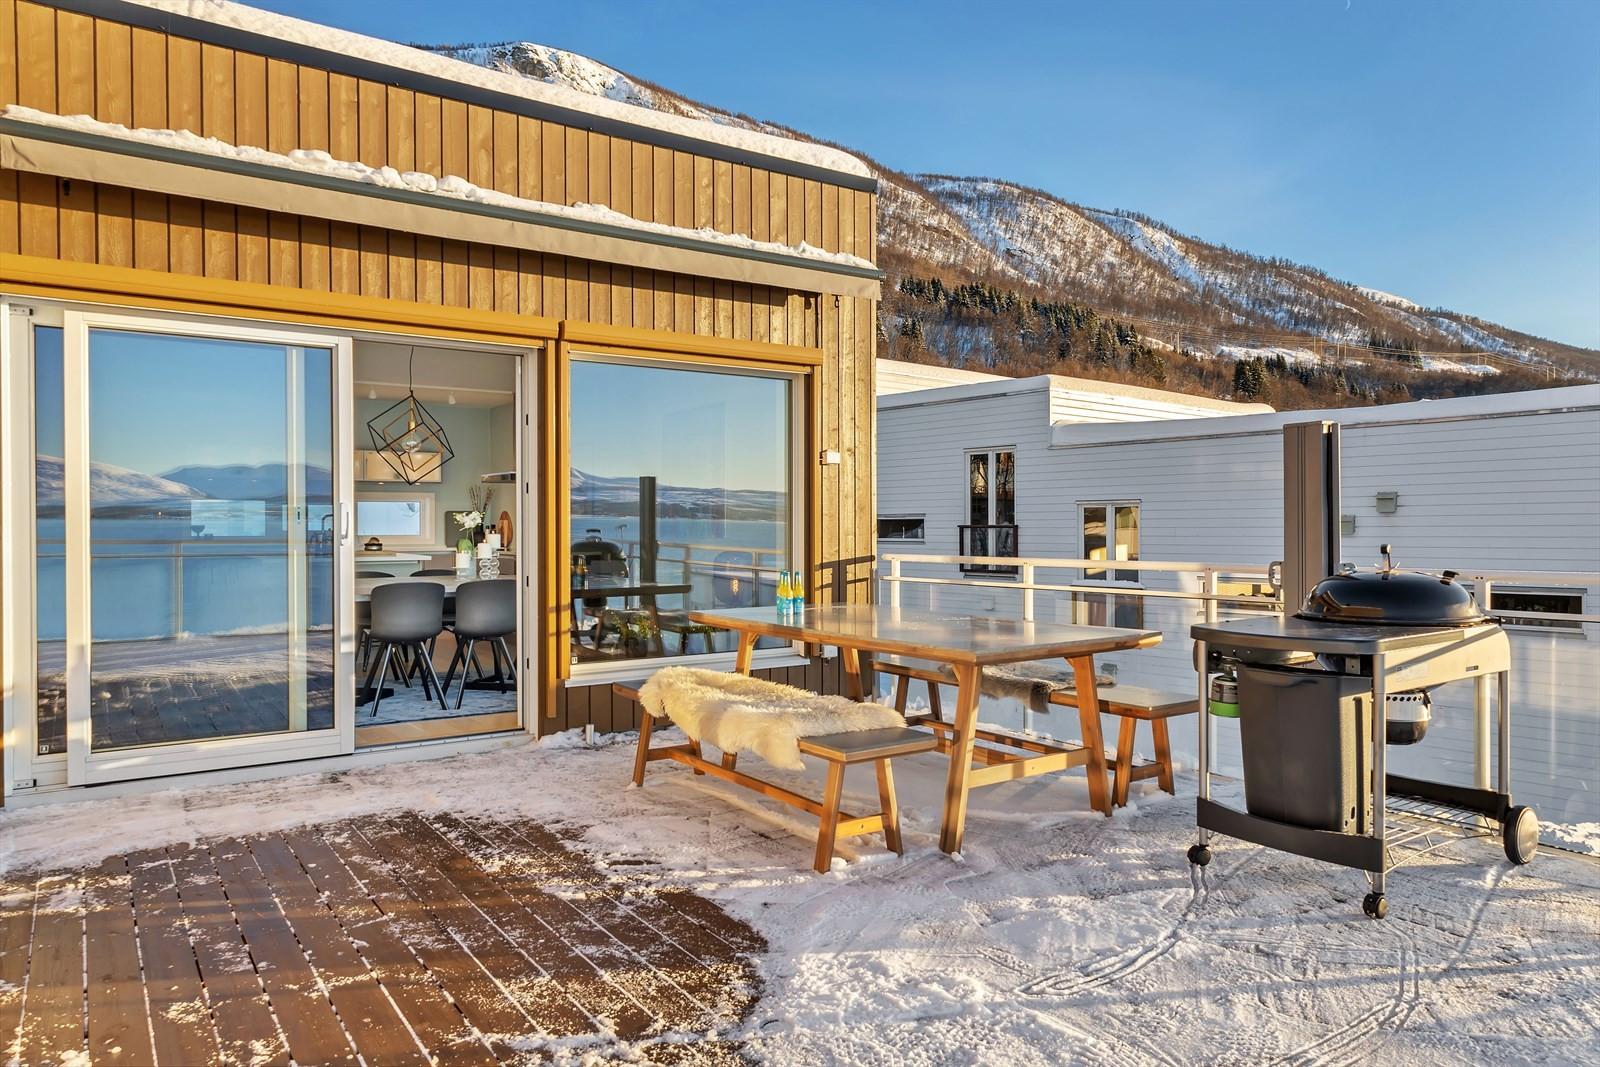 Terrasse for kos med baldakin som kan tas ut